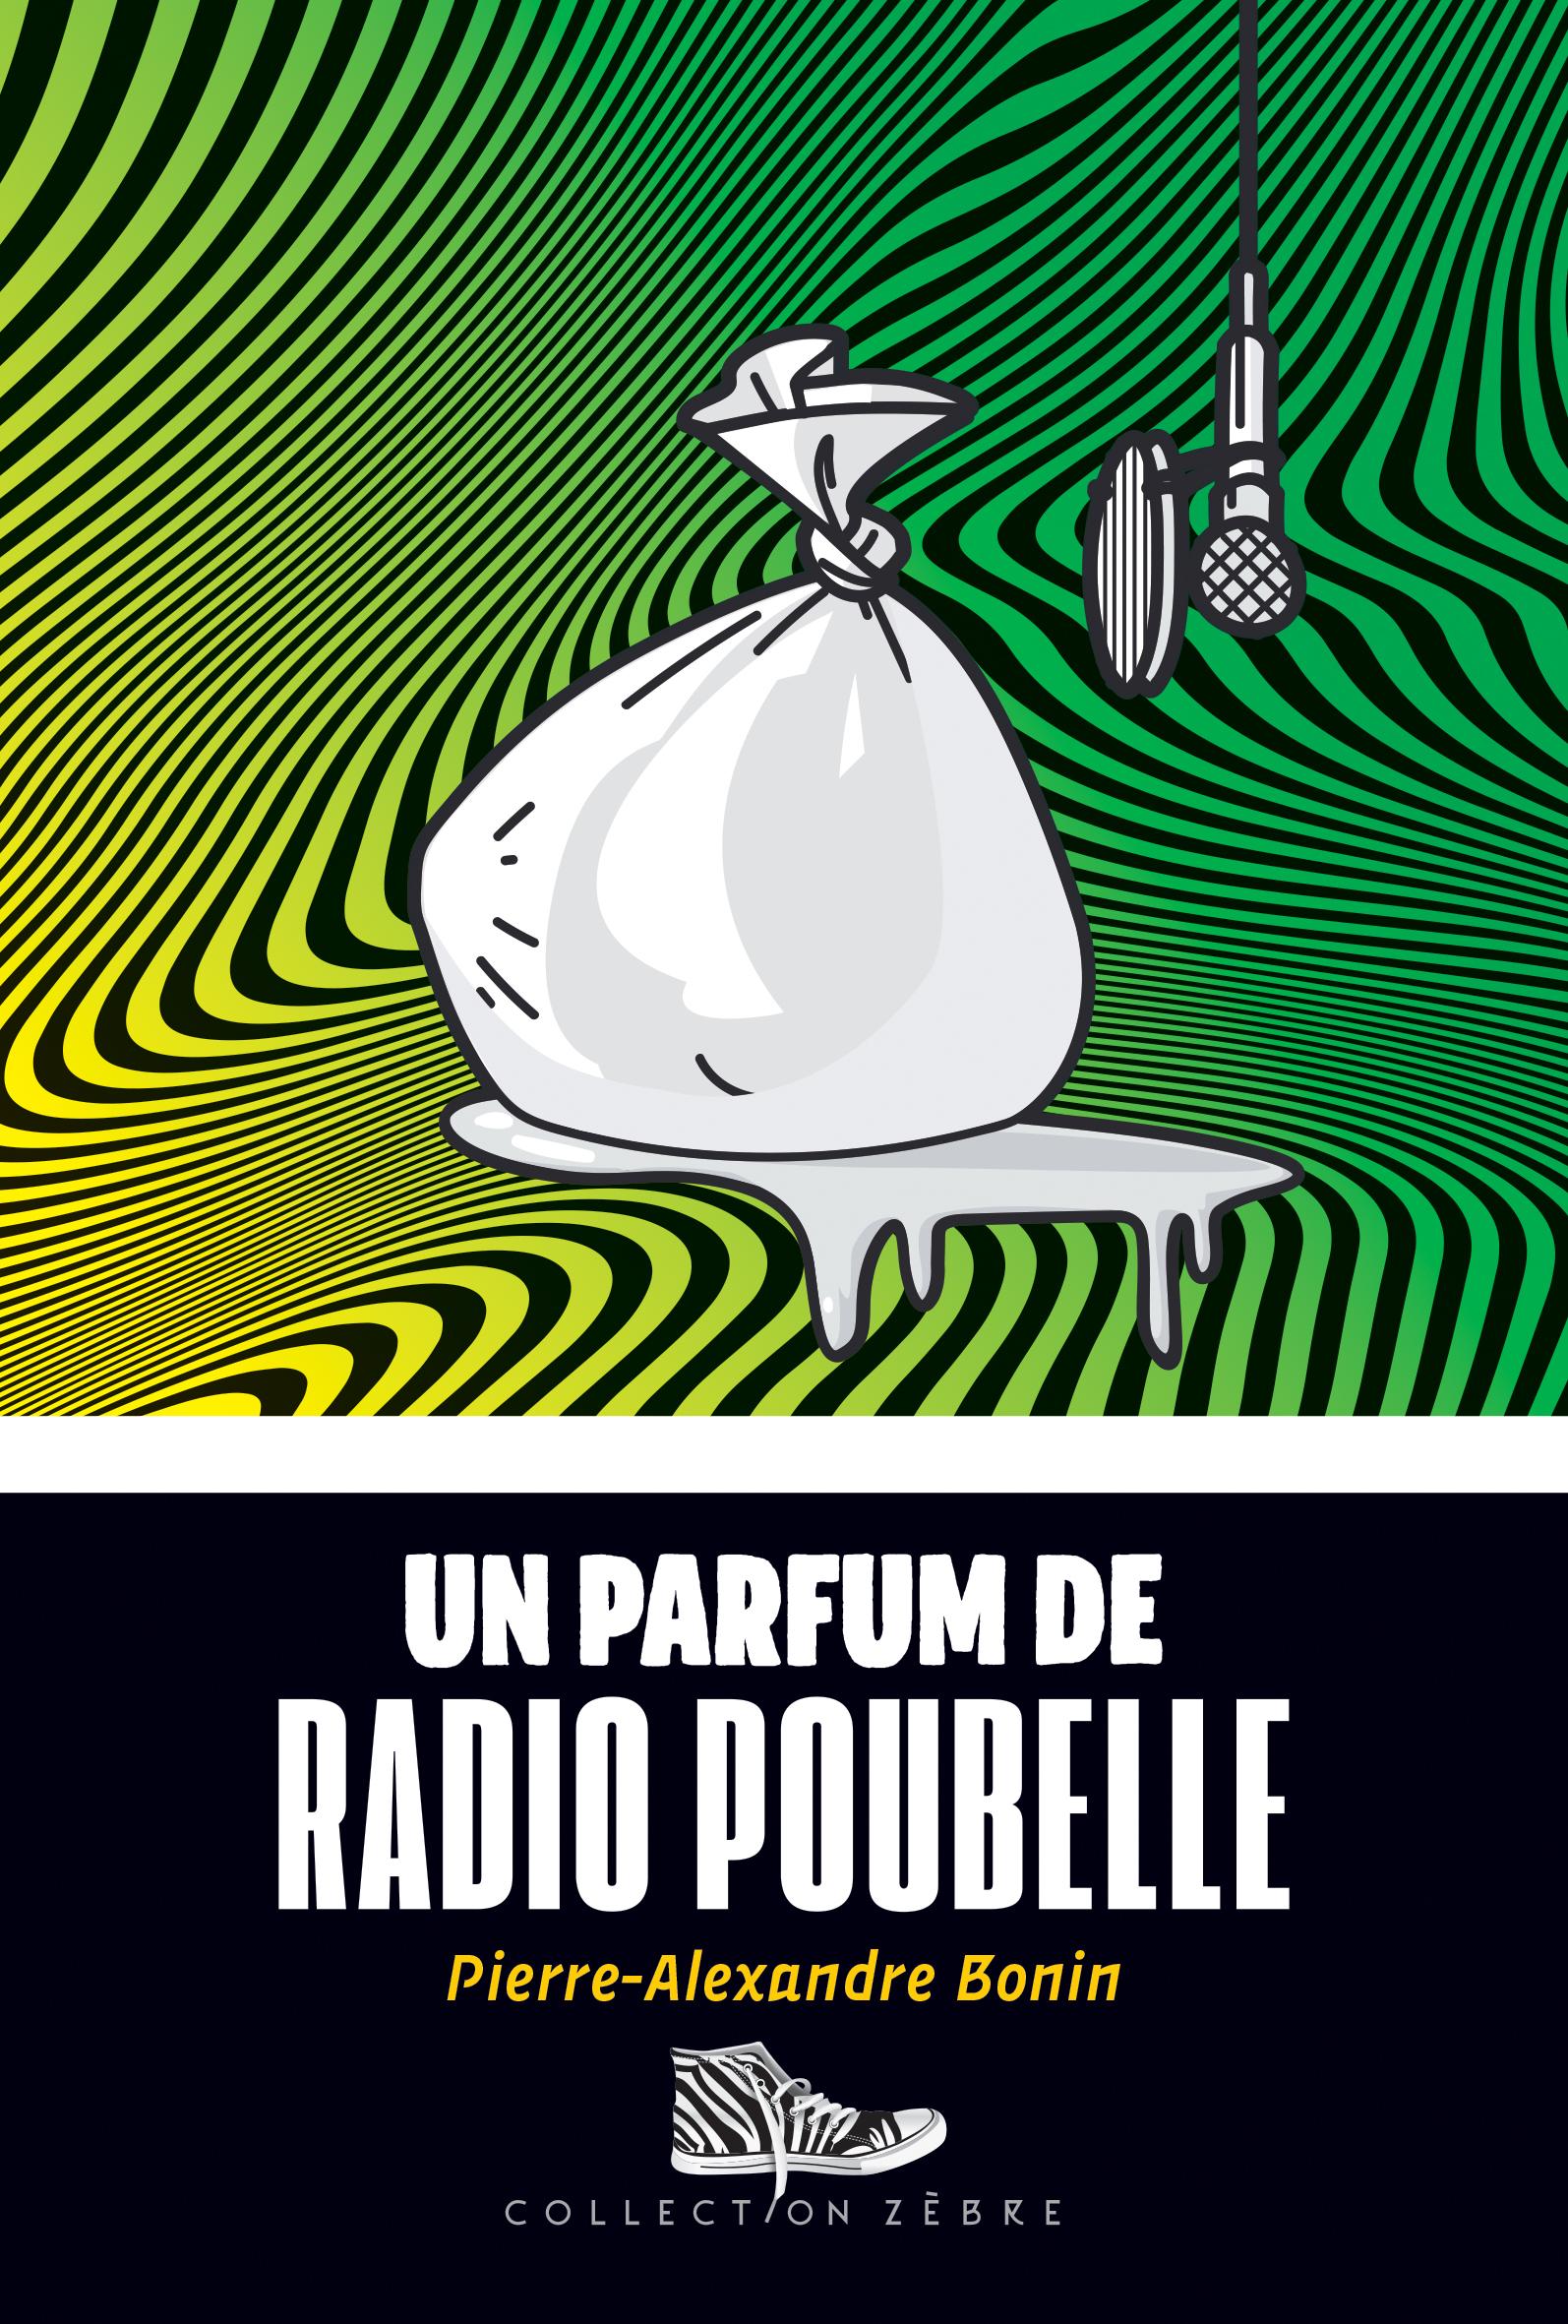 Un parfum de radio poubelle